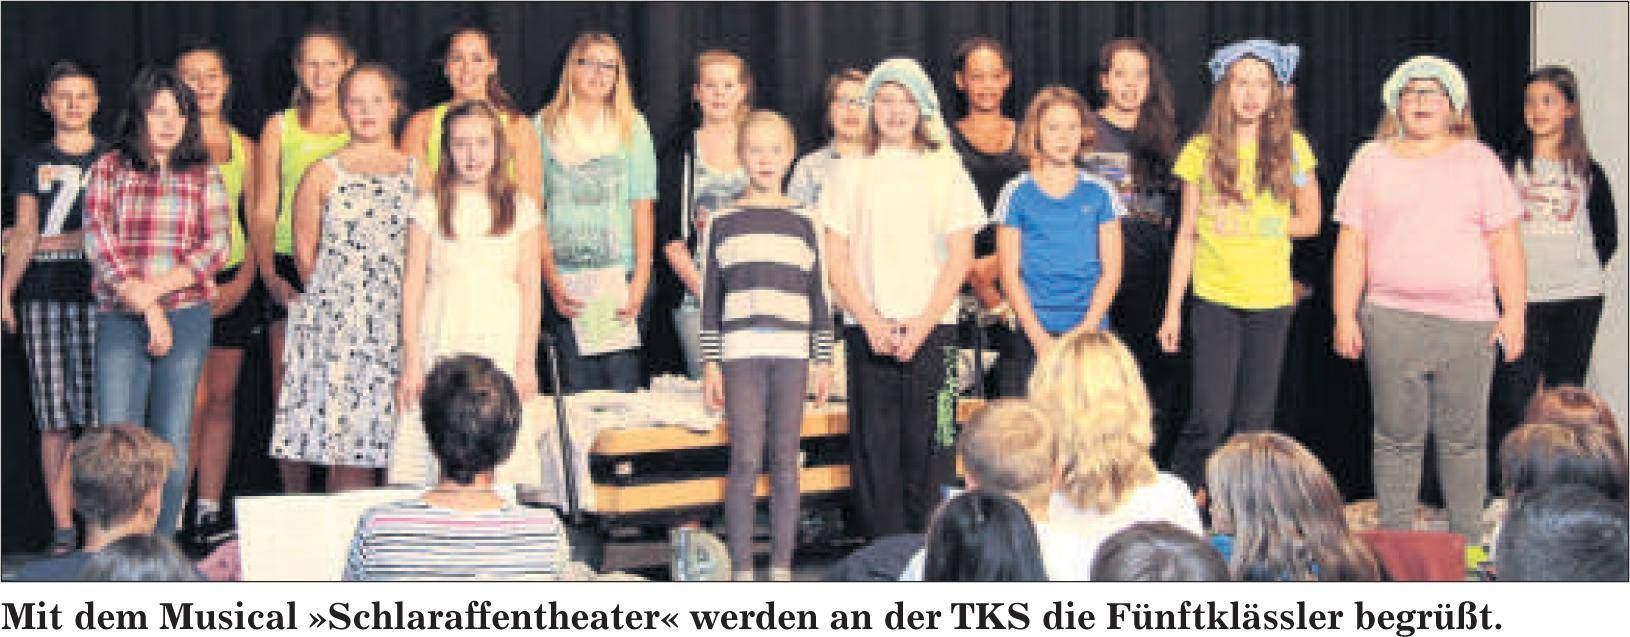 K1600_SchlaraffentheaterGAZ